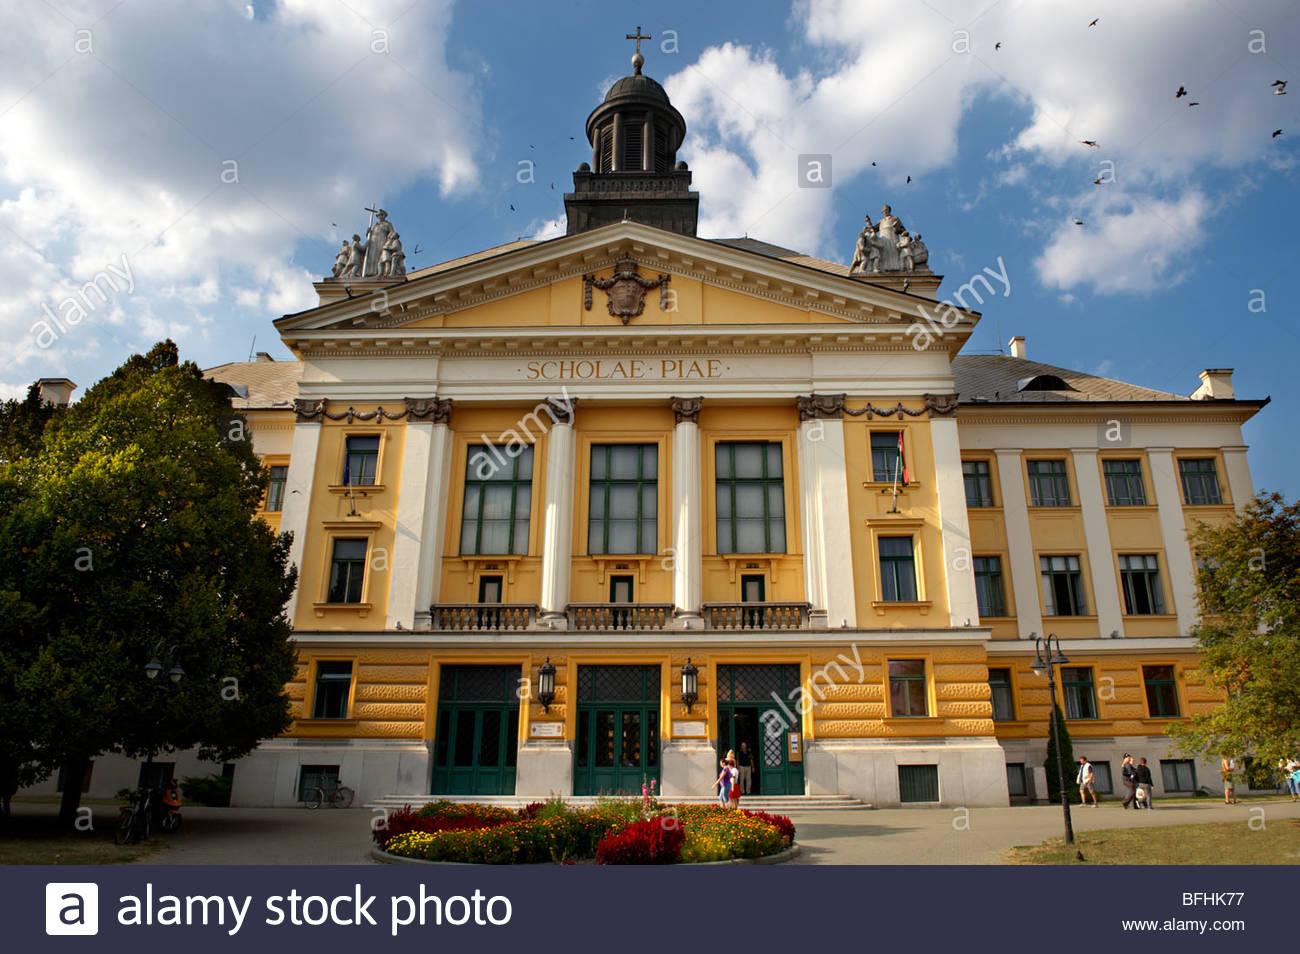 Une école néo-classique- Kecskemet , Hongrie Photo Stock